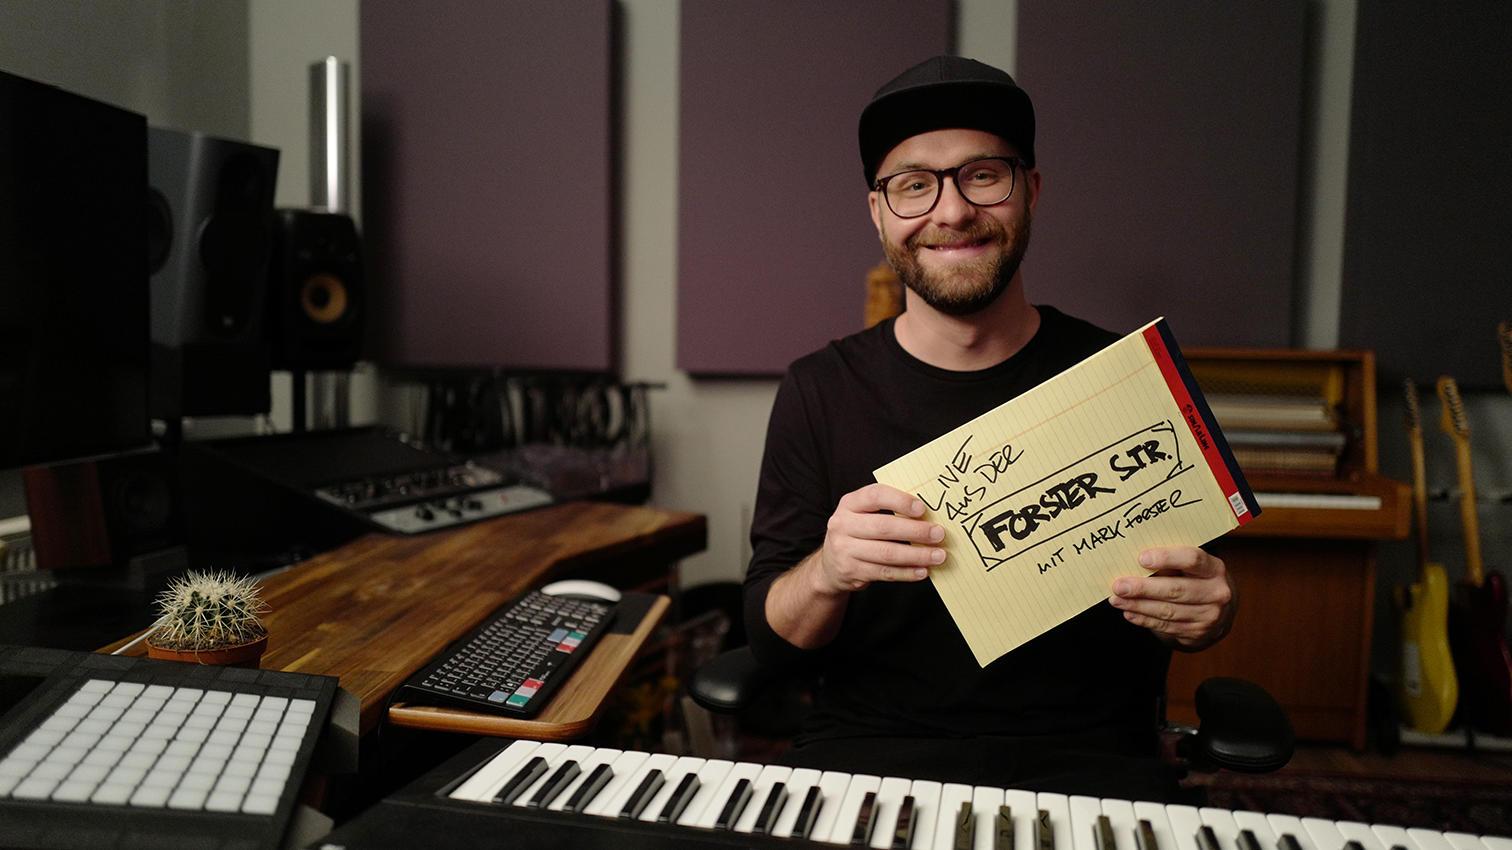 Mark Forster mittwochs um 20:15 Uhr in sein kleines Tonstudio ein!